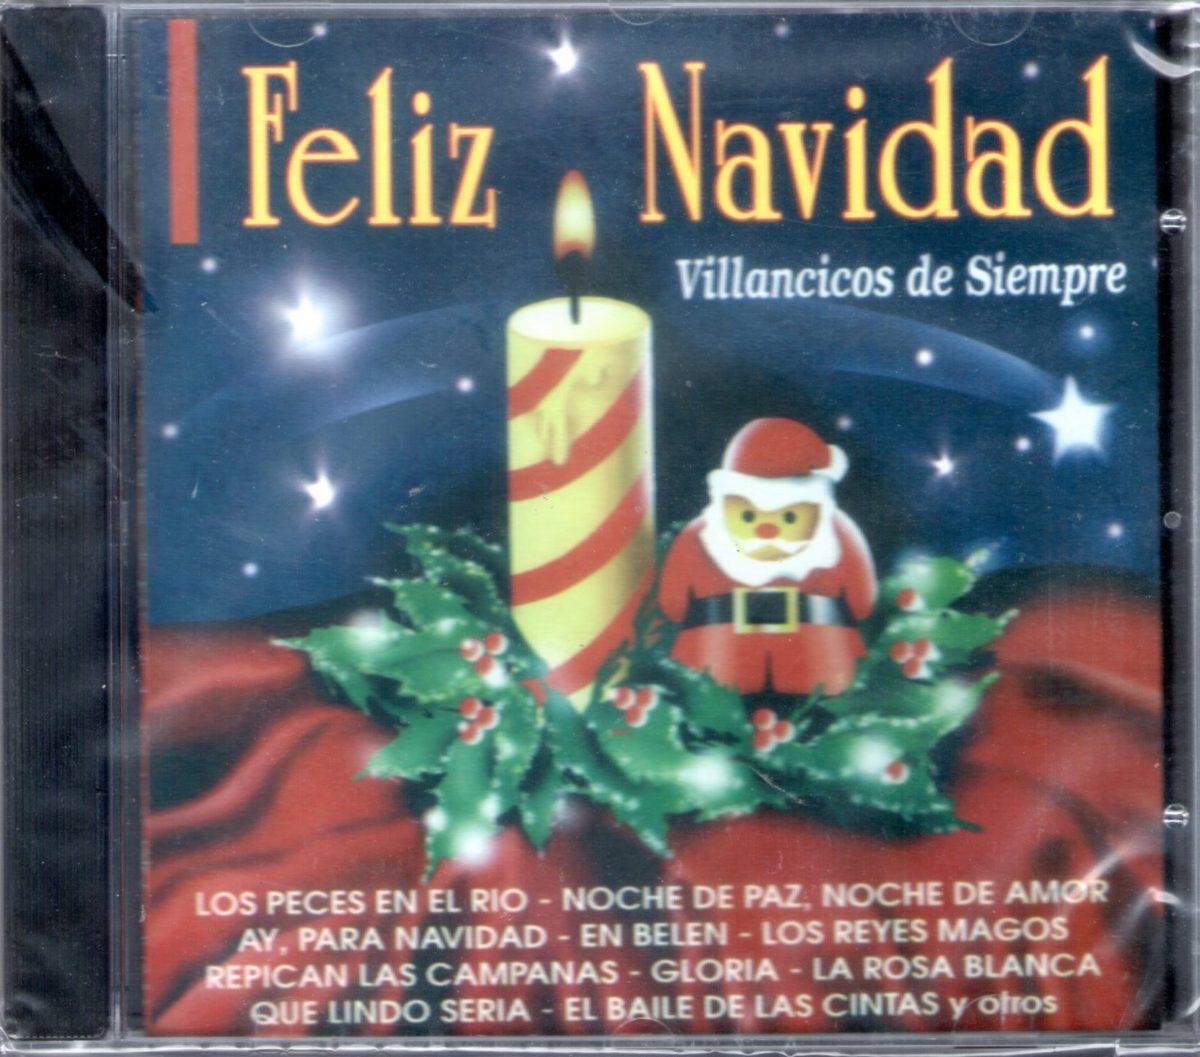 Villancico Feliz Navidad A Todos.Feliz Navidad Villancicos De Siempre